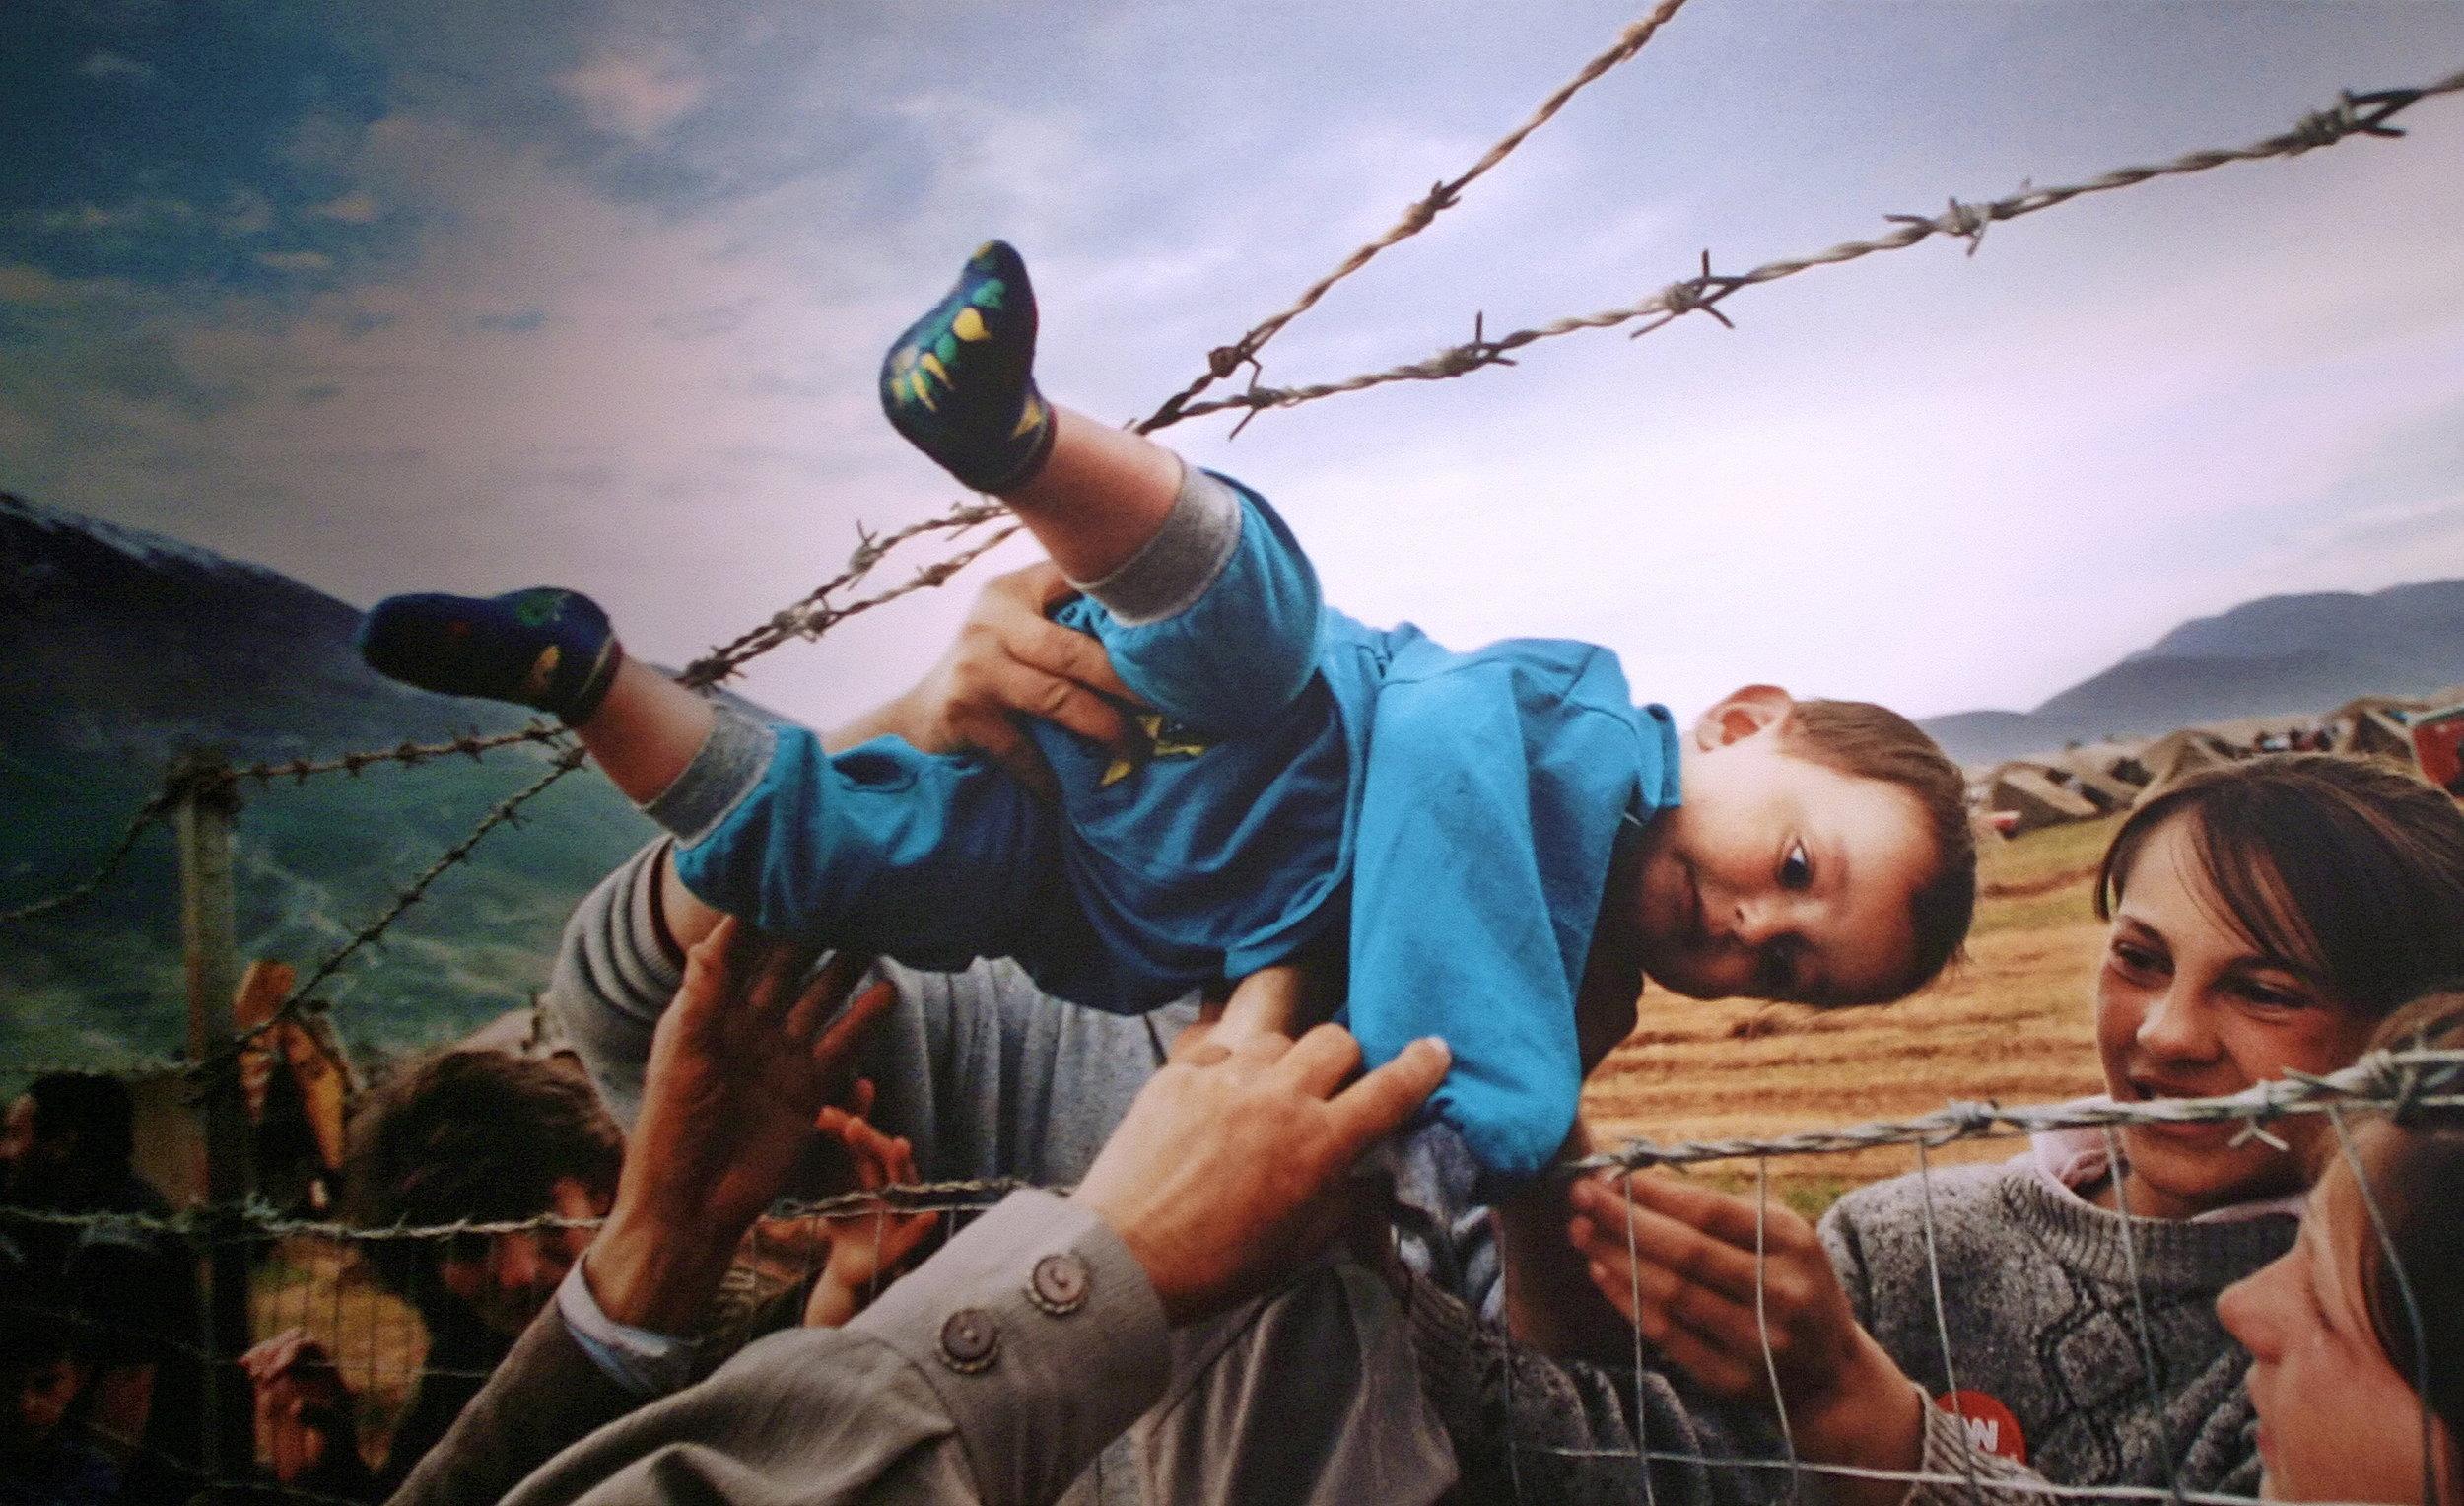 Refugees-Boy-Through-Fence.jpg